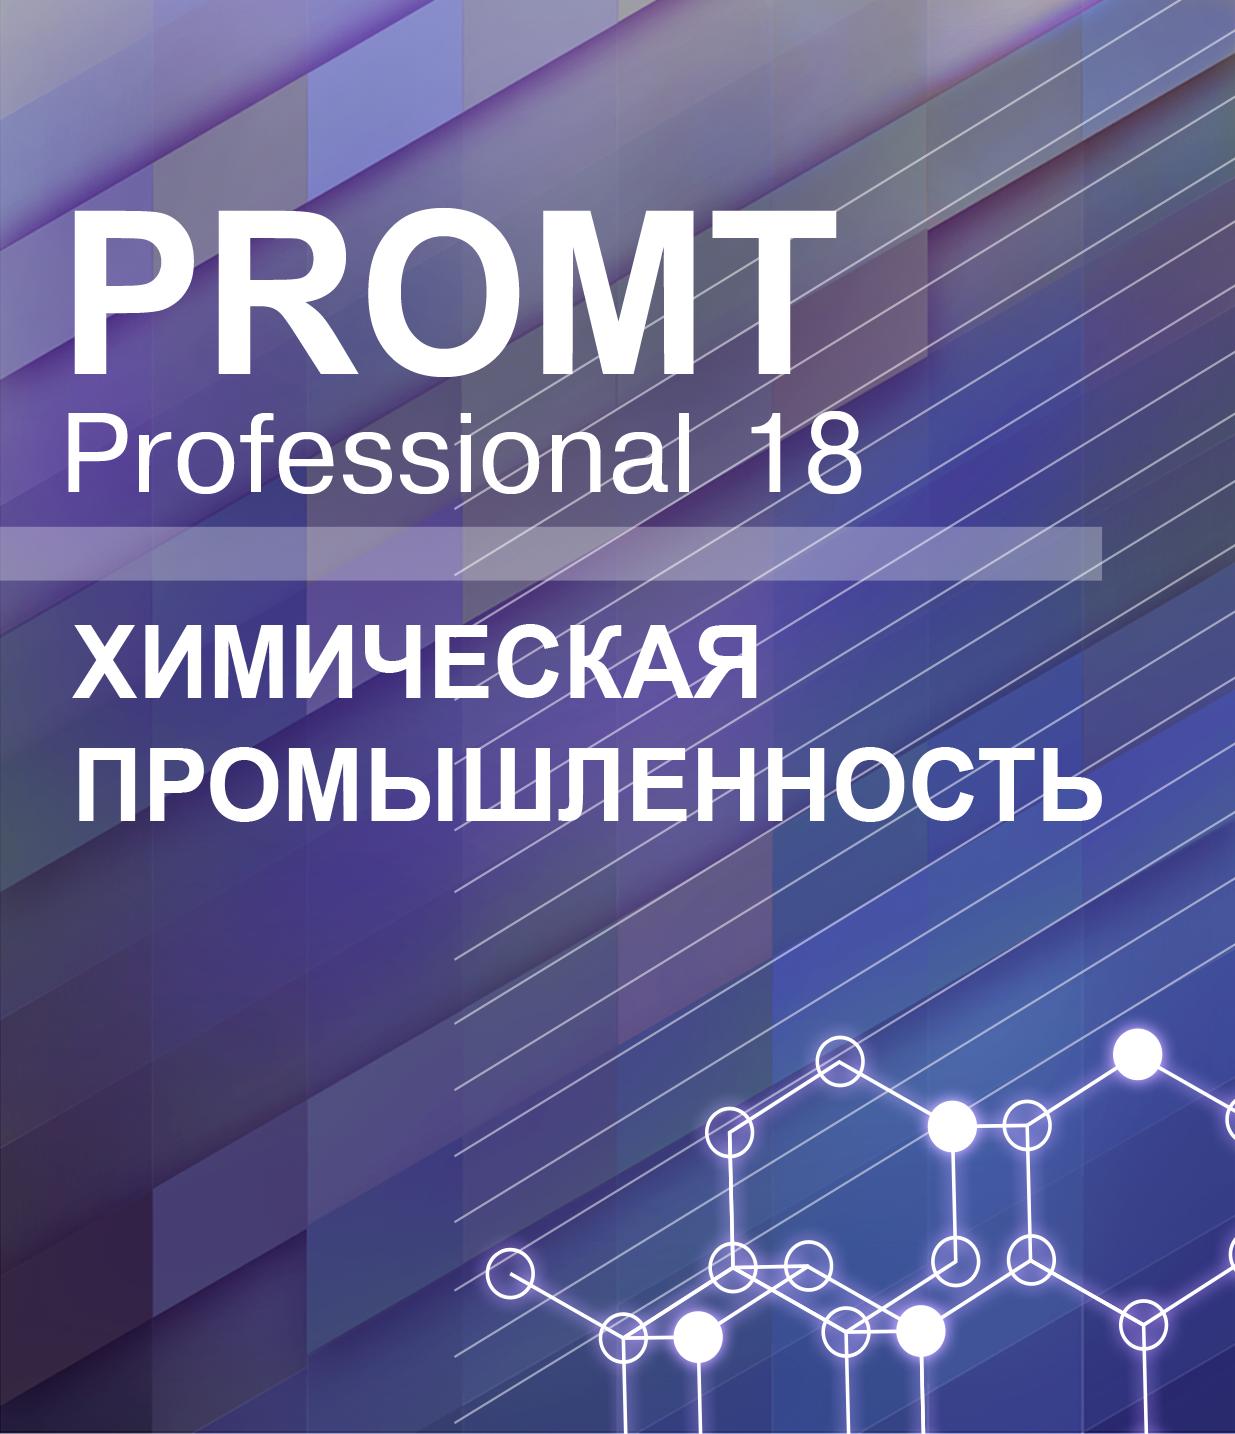 PROMT Professional 18 Химическая промышленность